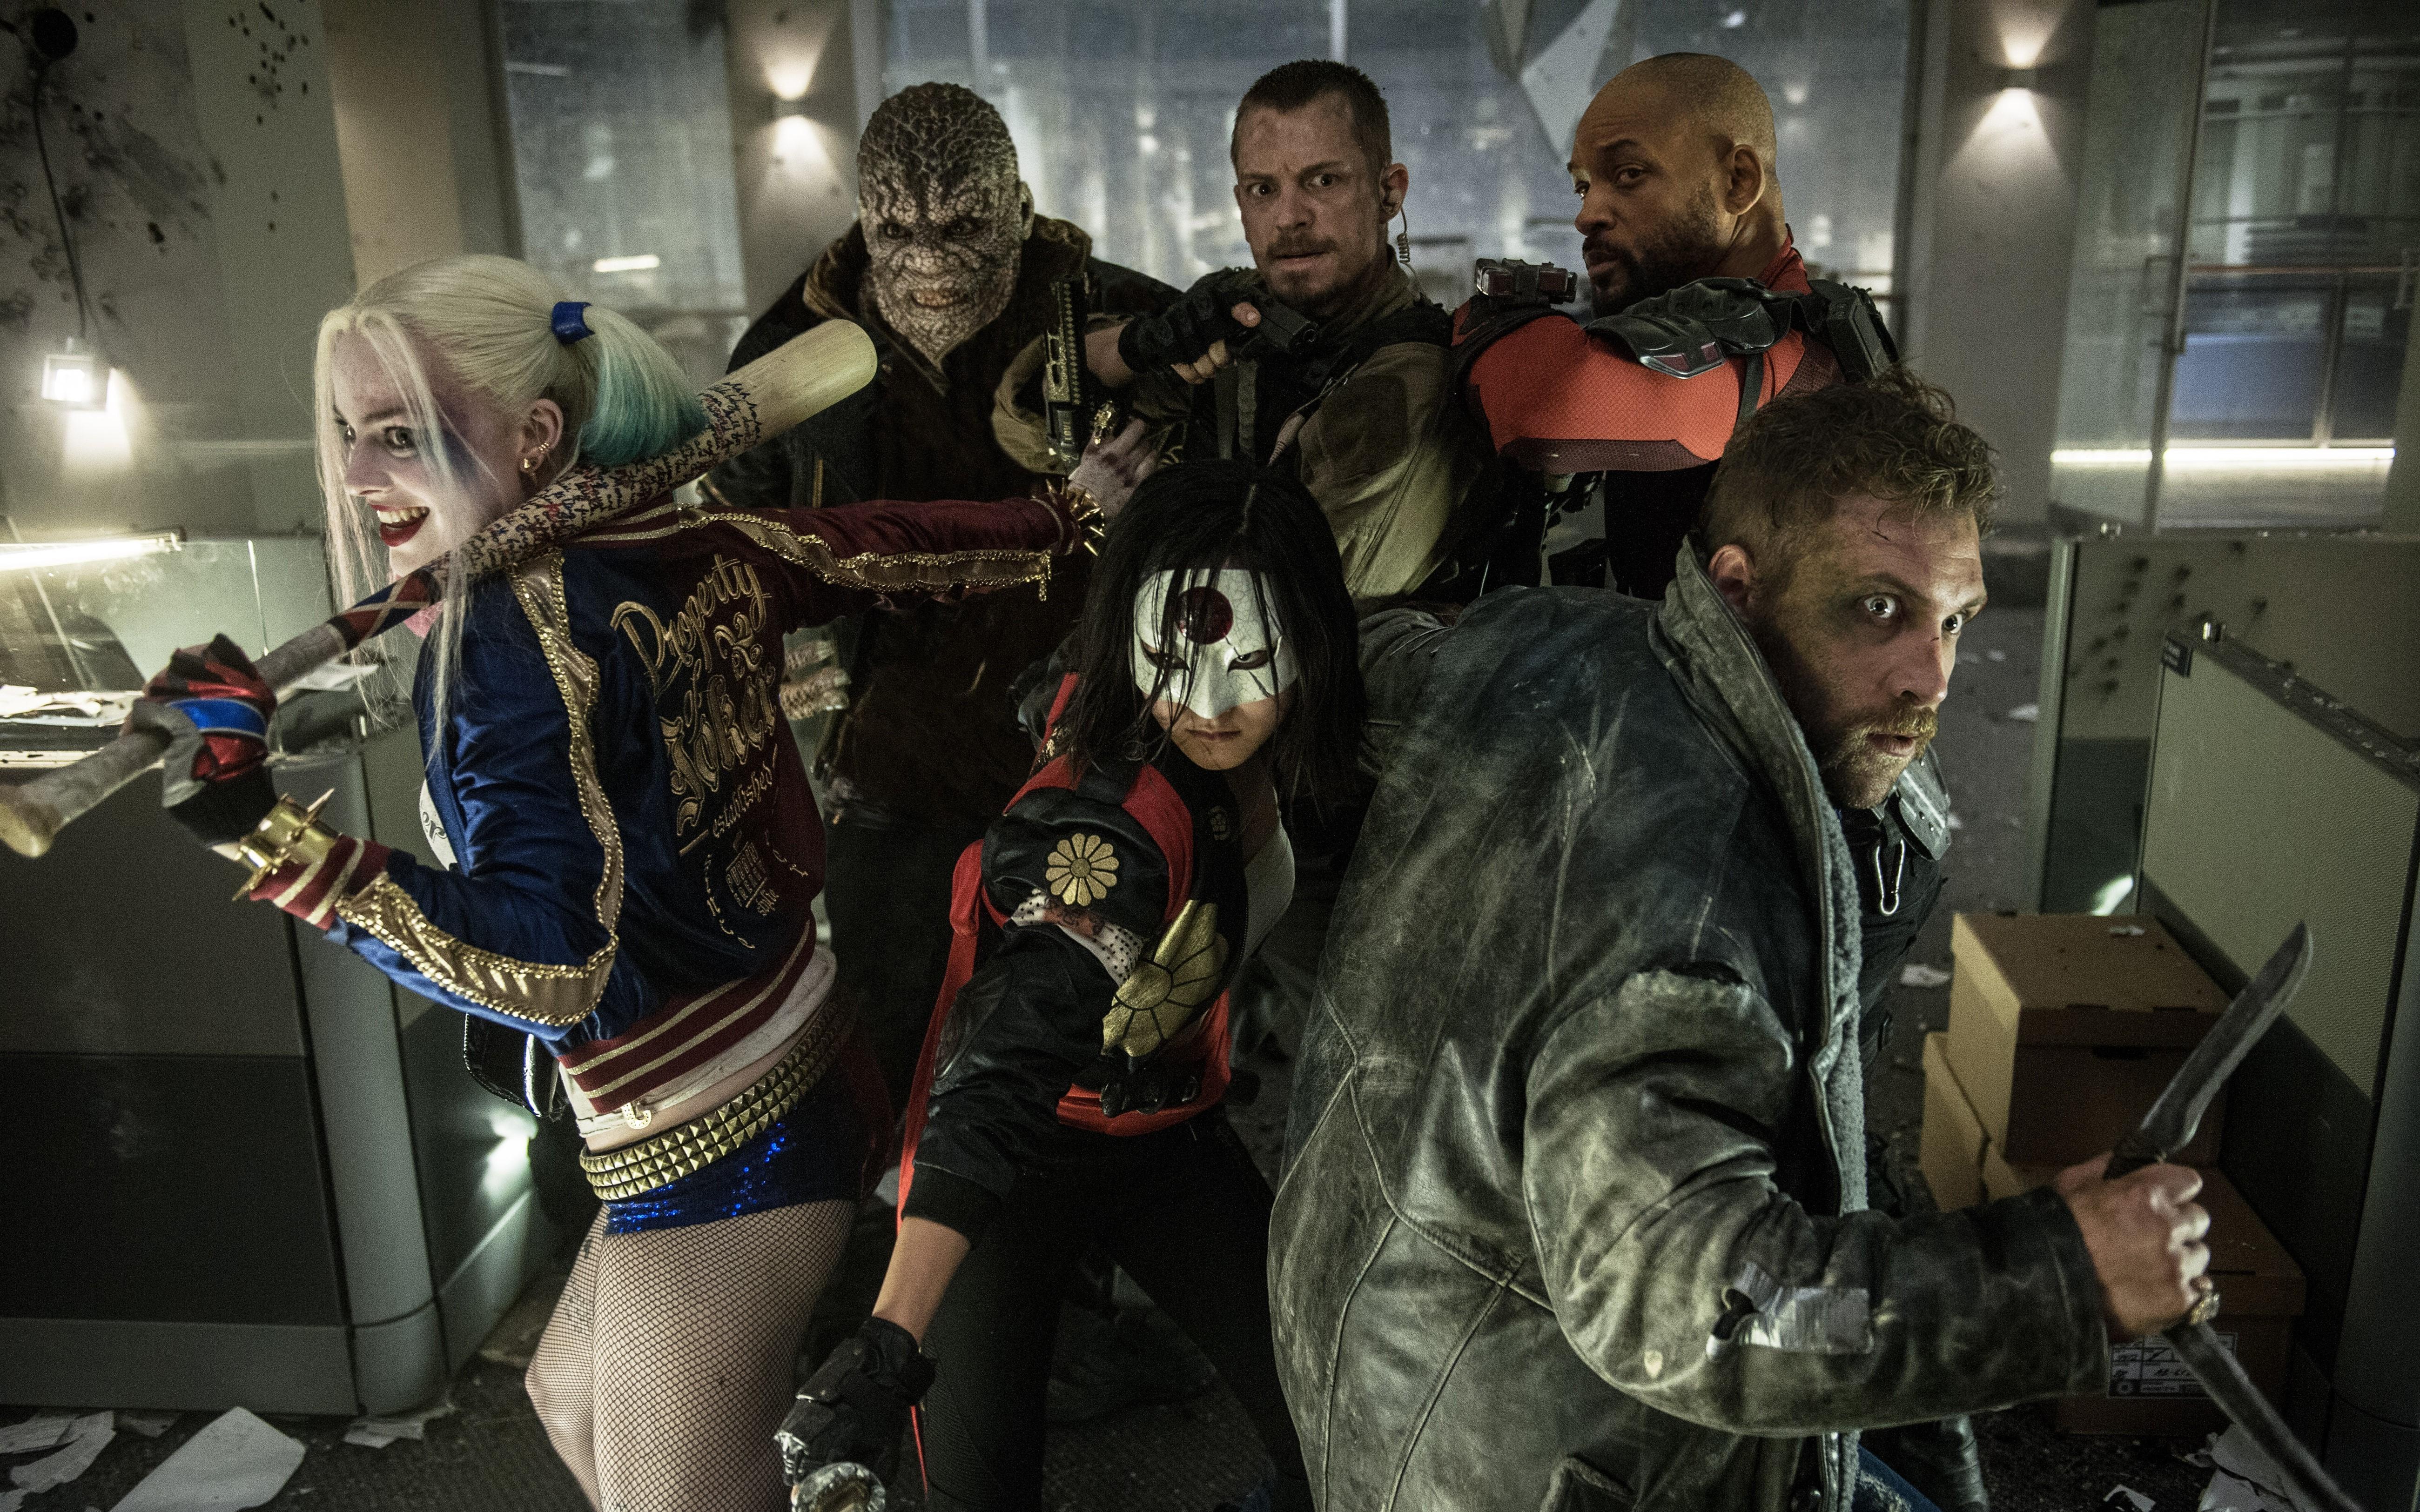 Fondo de pantalla de Escuadrón suicida - Personajes Suicide Squad Imágenes